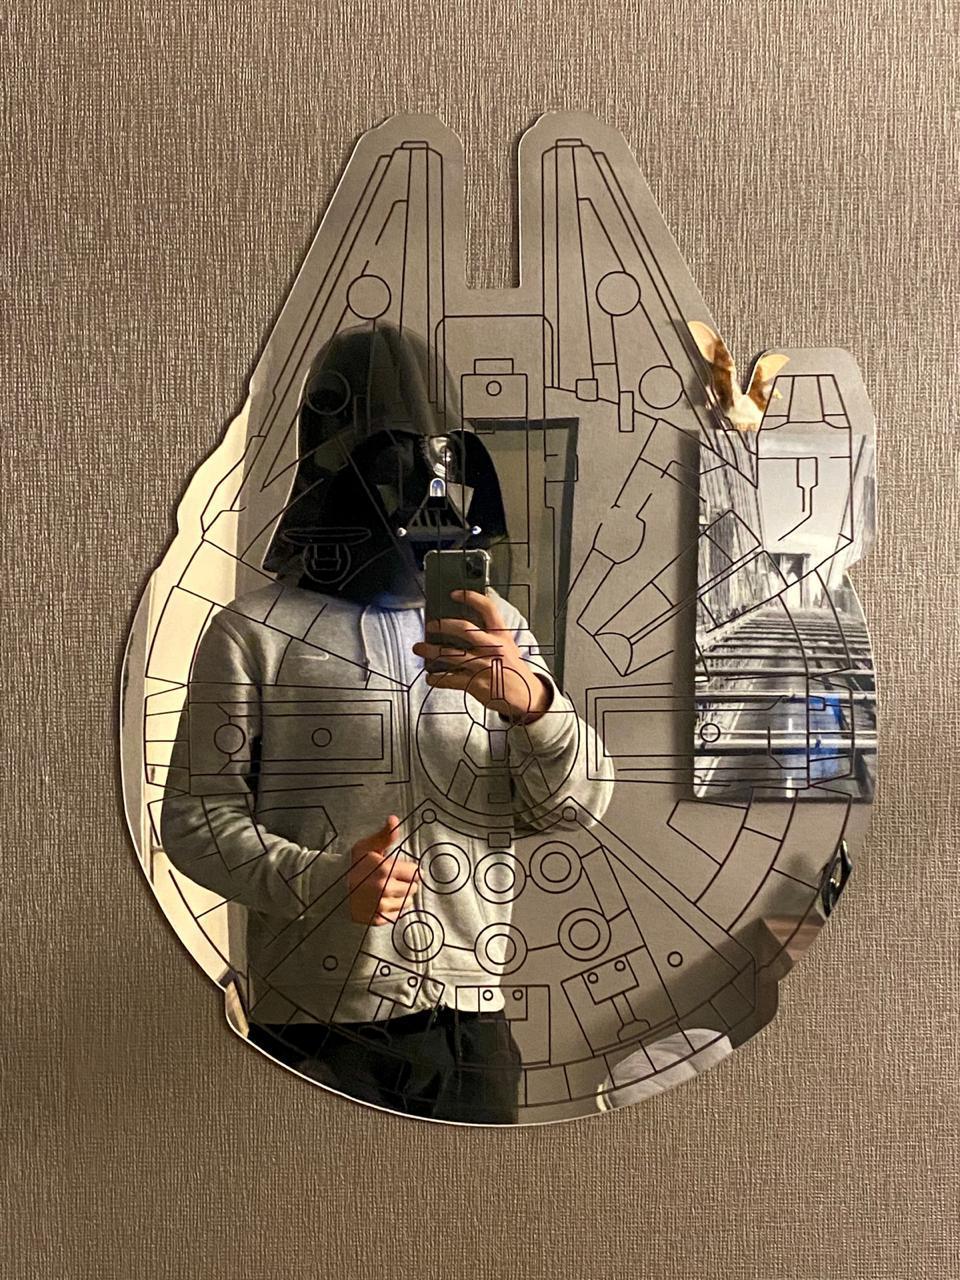 Espelho Acrílico Millennium Falcon: Star Wars (Disney) - EV